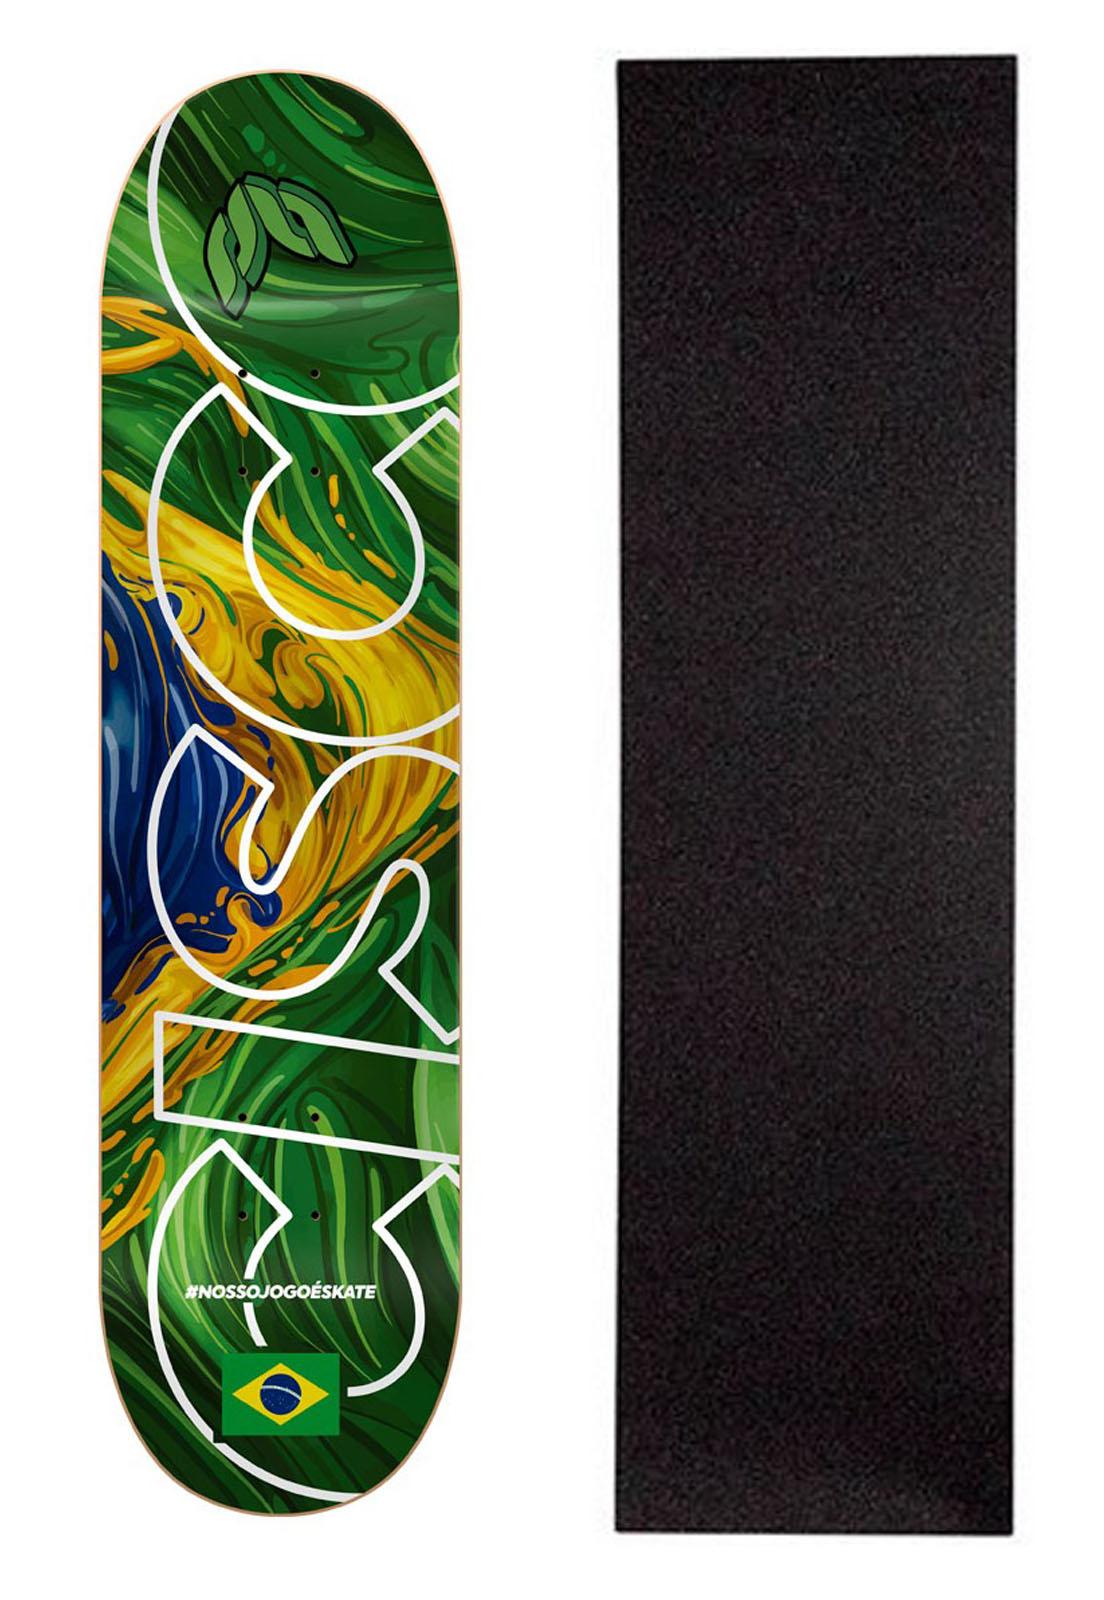 """Shape Cisco Skate Marfim Braza - 8/8.125/8.25"""" #Nossojogoéskate + Lixa Grátis"""